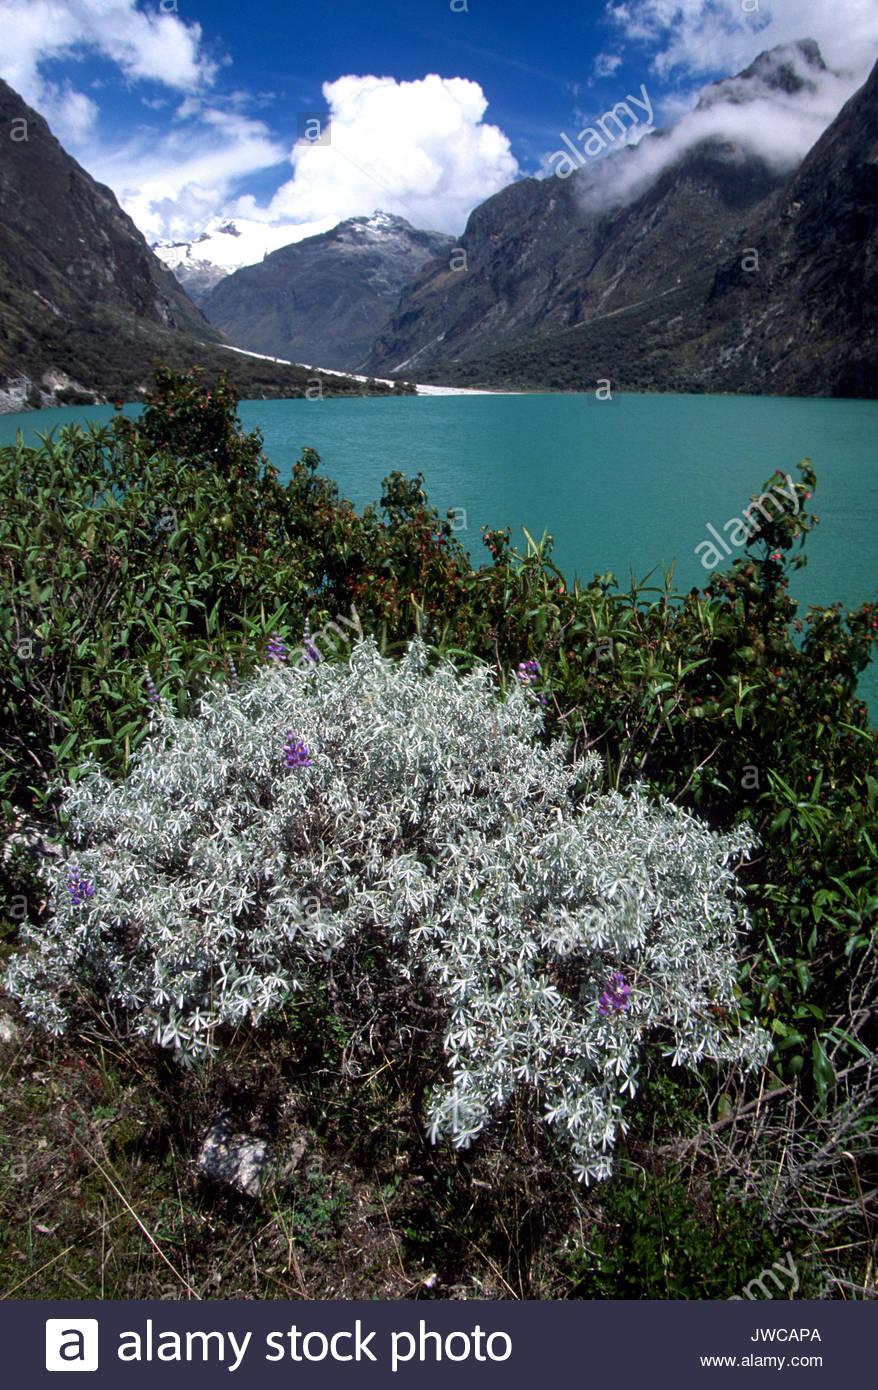 Ein malerischer Blick auf den See, Montane und Wildblumen in voller Blüte entlang der Küste. Stockbild